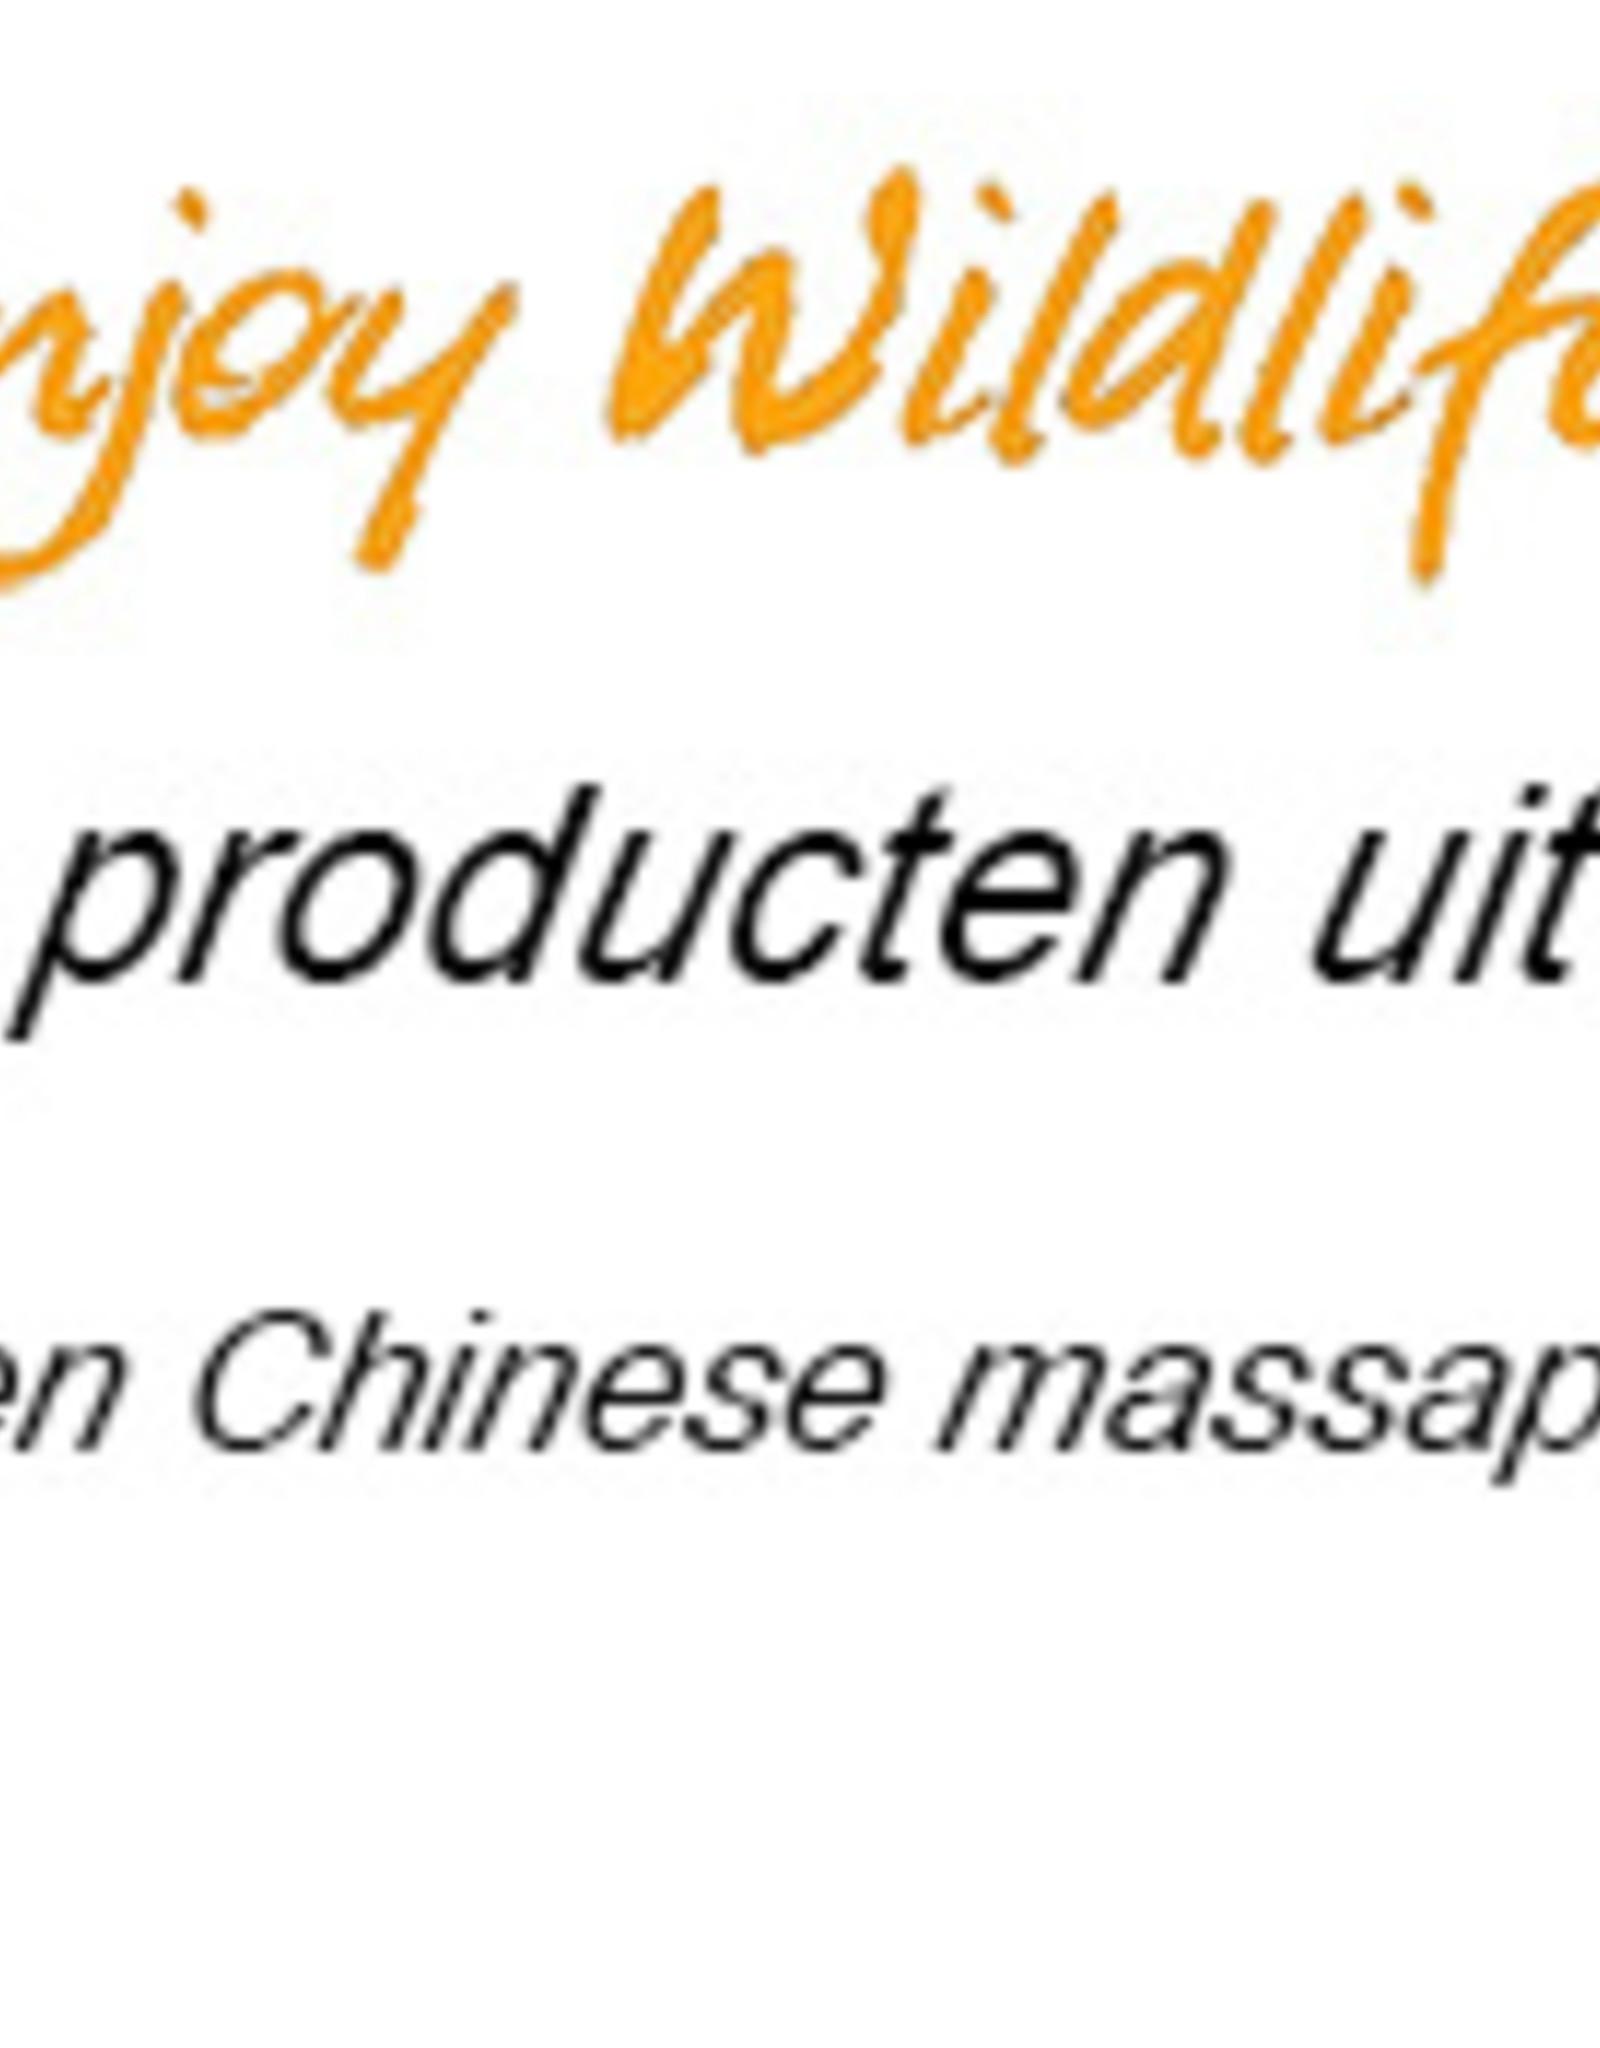 HBN - Enjoy Wildlife! HBN Eckla-Eagle beanbag